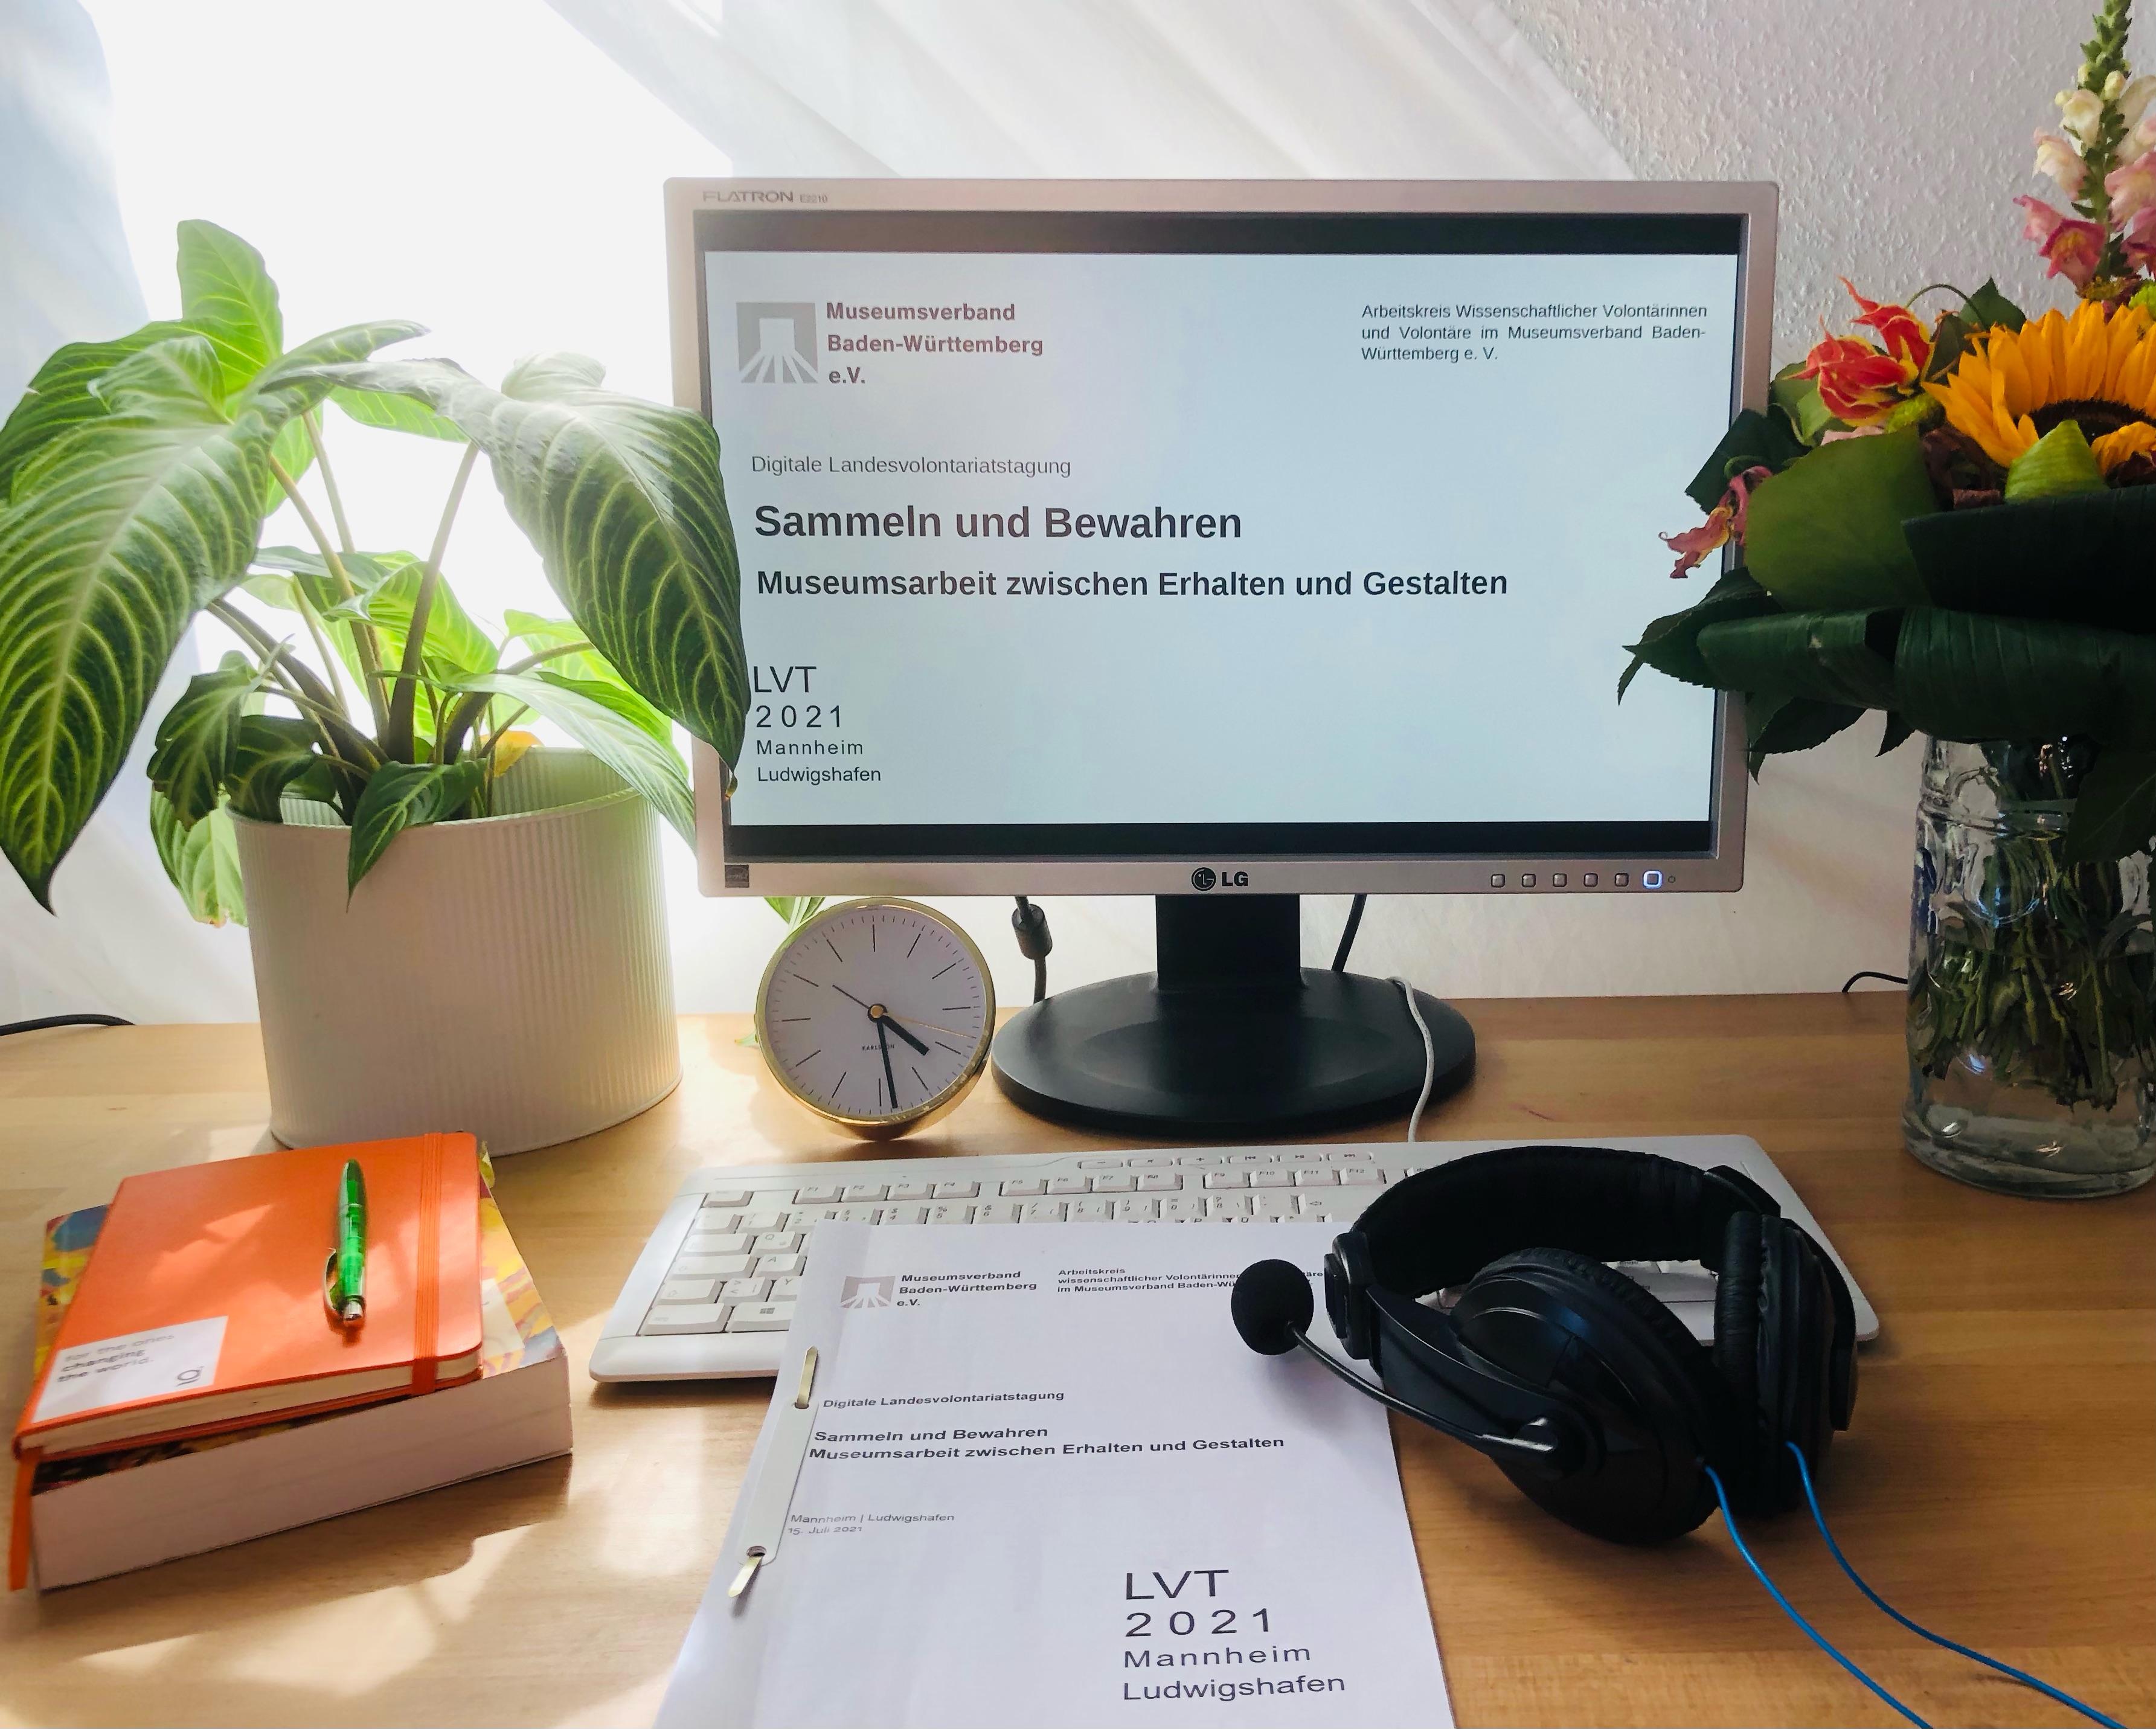 Landesvolontariatstagung Online (c) Kunsthalle Mannheim